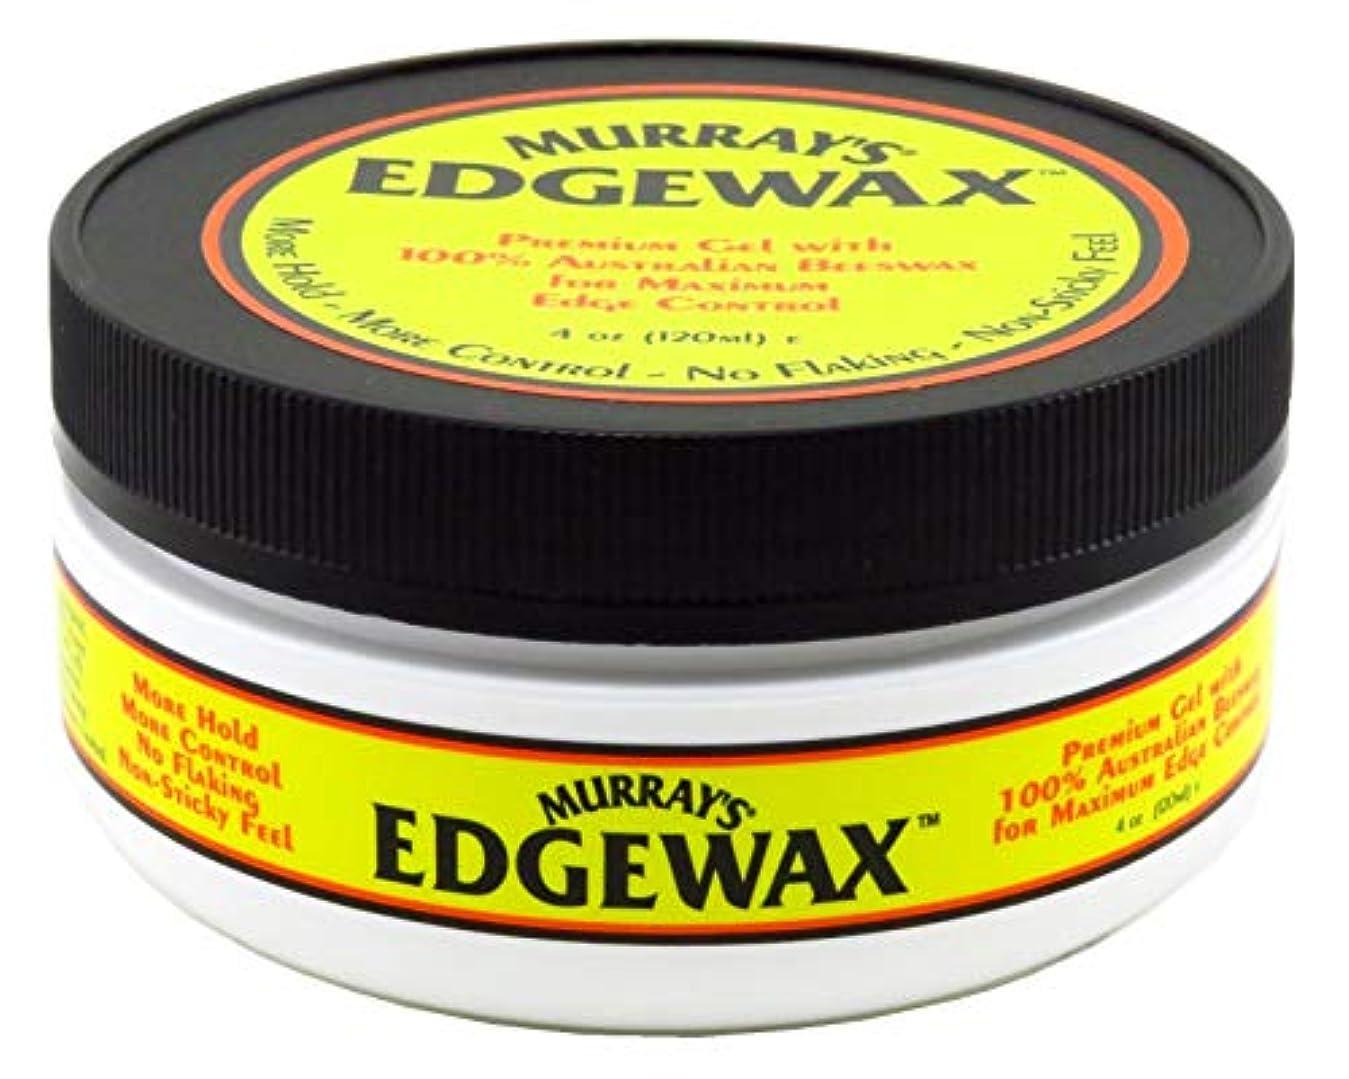 教師の日影響力のあるキャンベラMurrays マレー'S Edgewax 100%オーストラリア蜜蝋、3パック